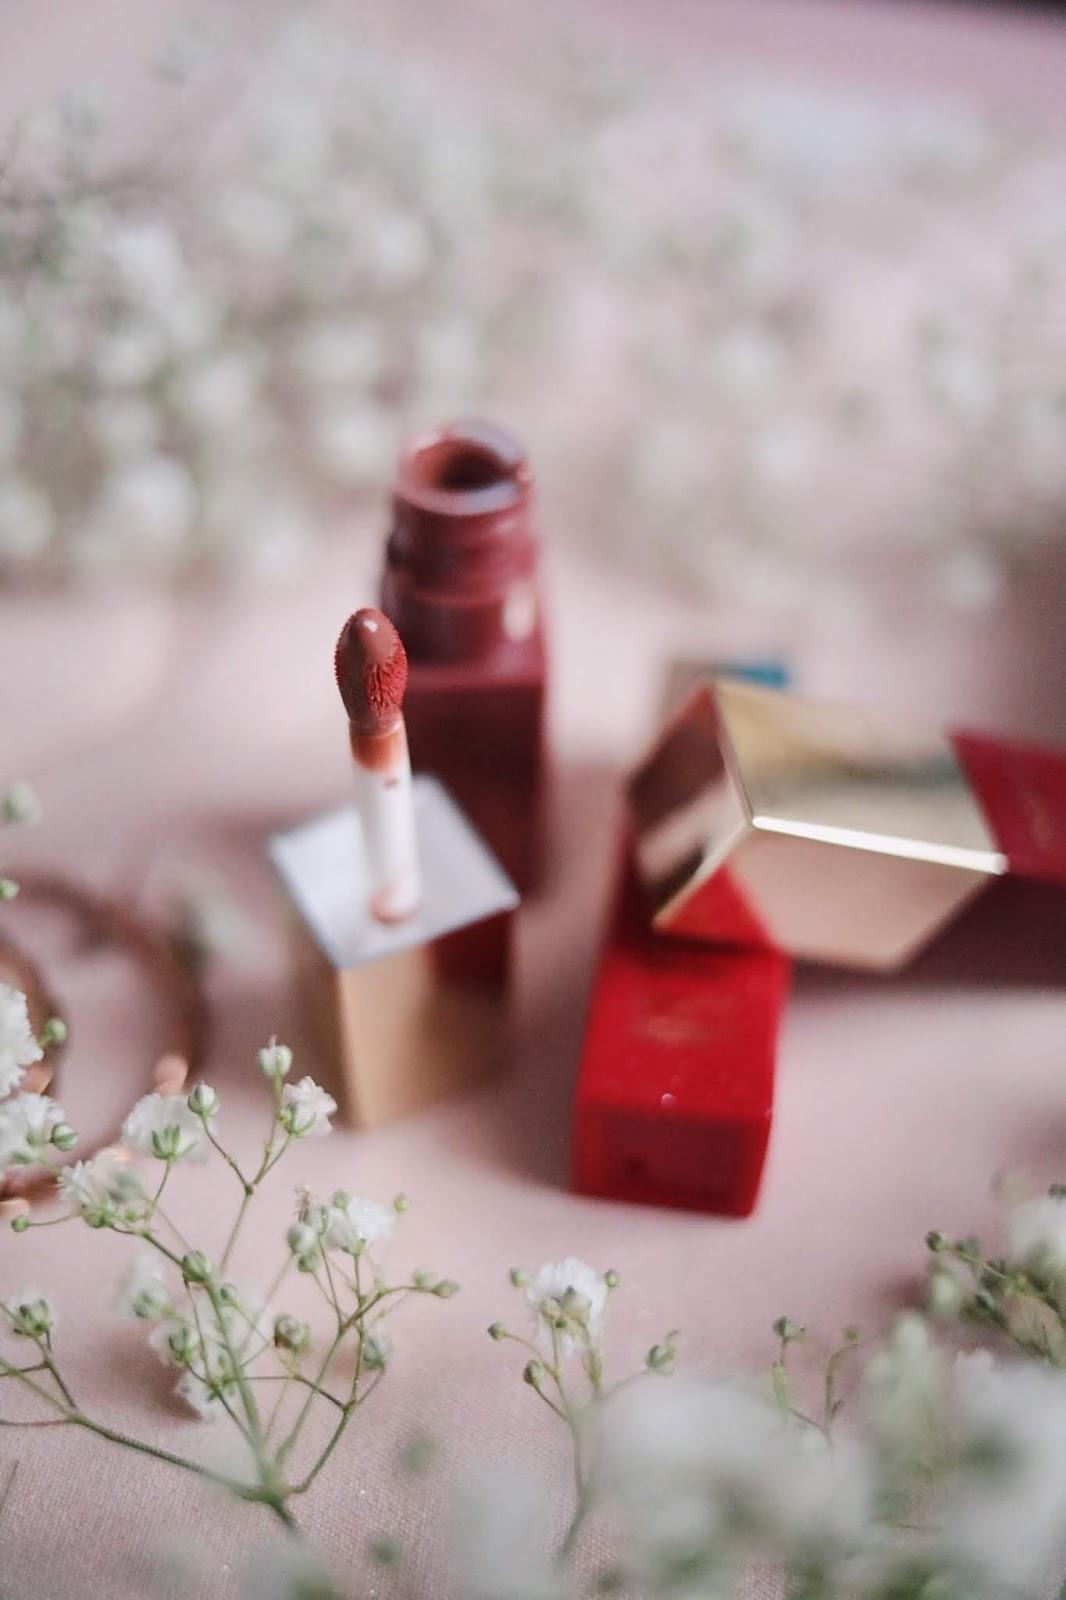 Clarins , huile confort , LIP COMFORT OIL INTENSE , huile à lèvres , rose mademoiselle , rosemademoiselle ,blog beauté , paris , Clarins France ,